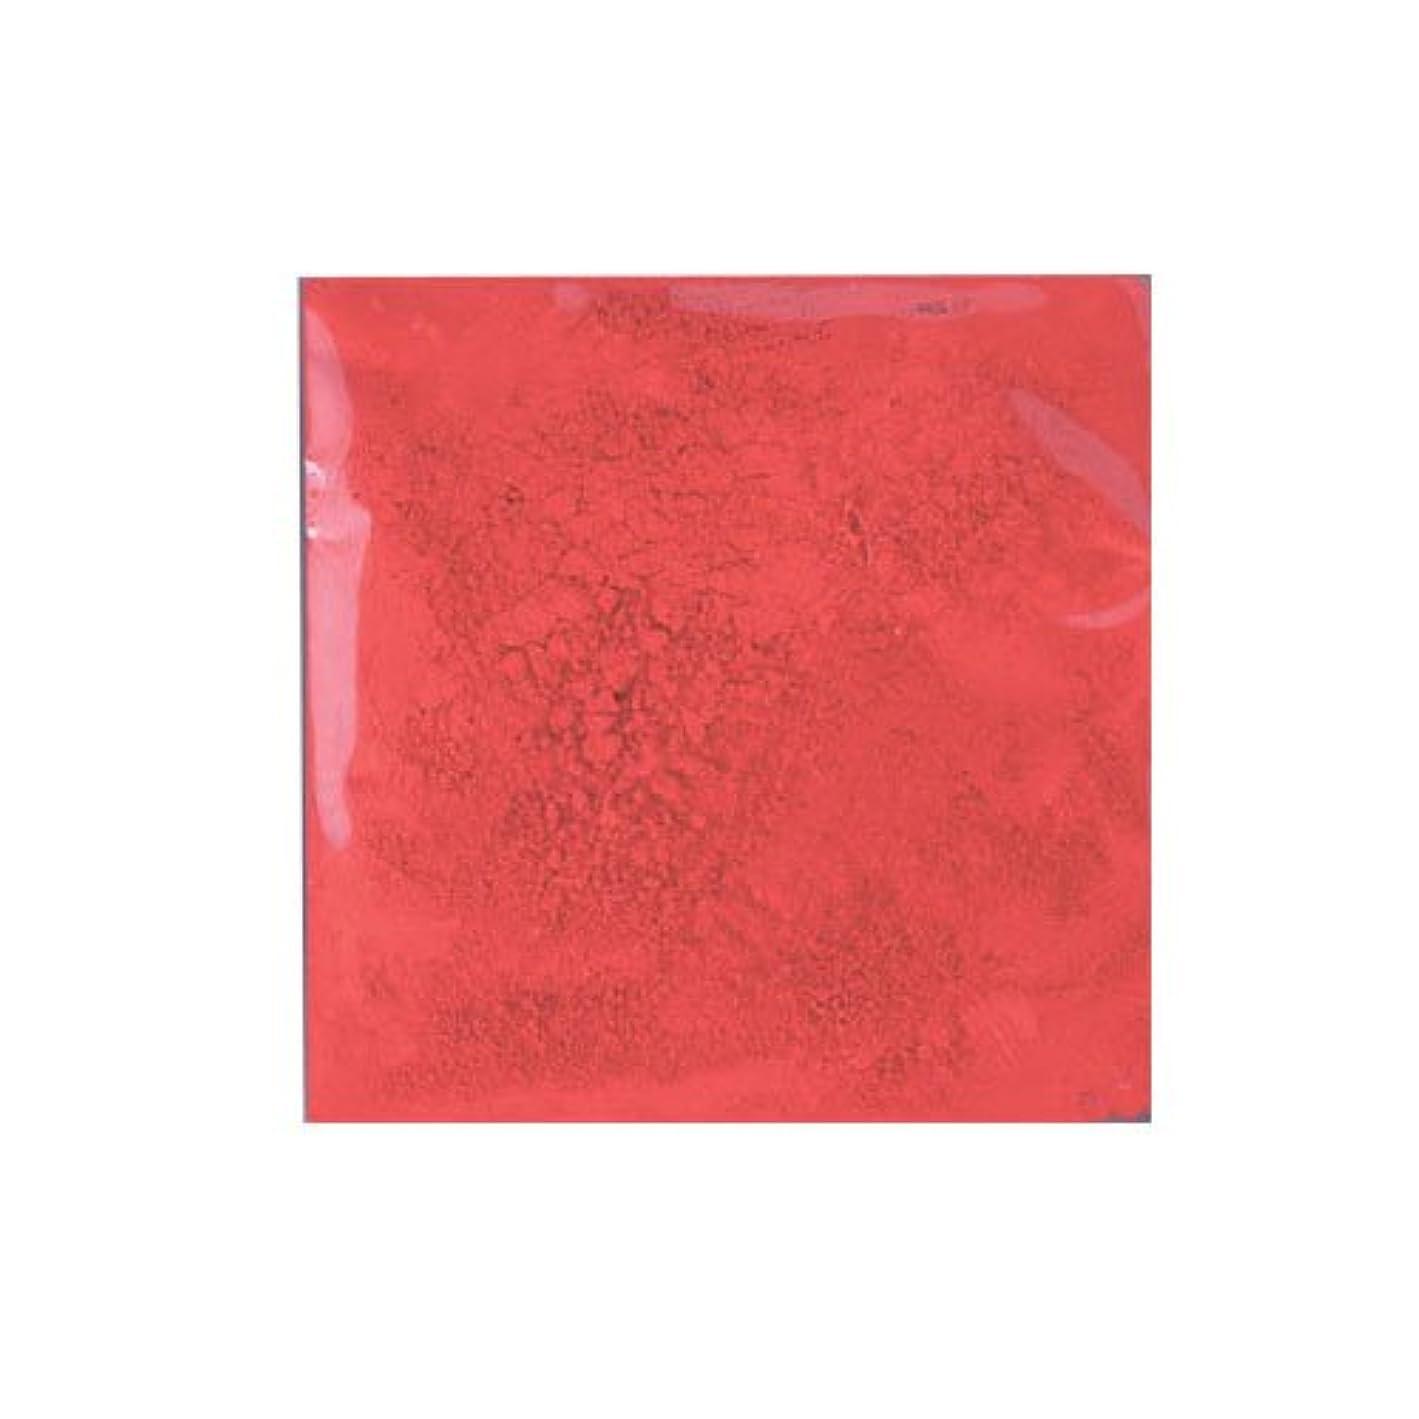 ガイダンス銅分析的ピカエース ネイル用パウダー ピカエース カラーパウダー 着色顔料 #731 ファイヤーレッド 2g アート材